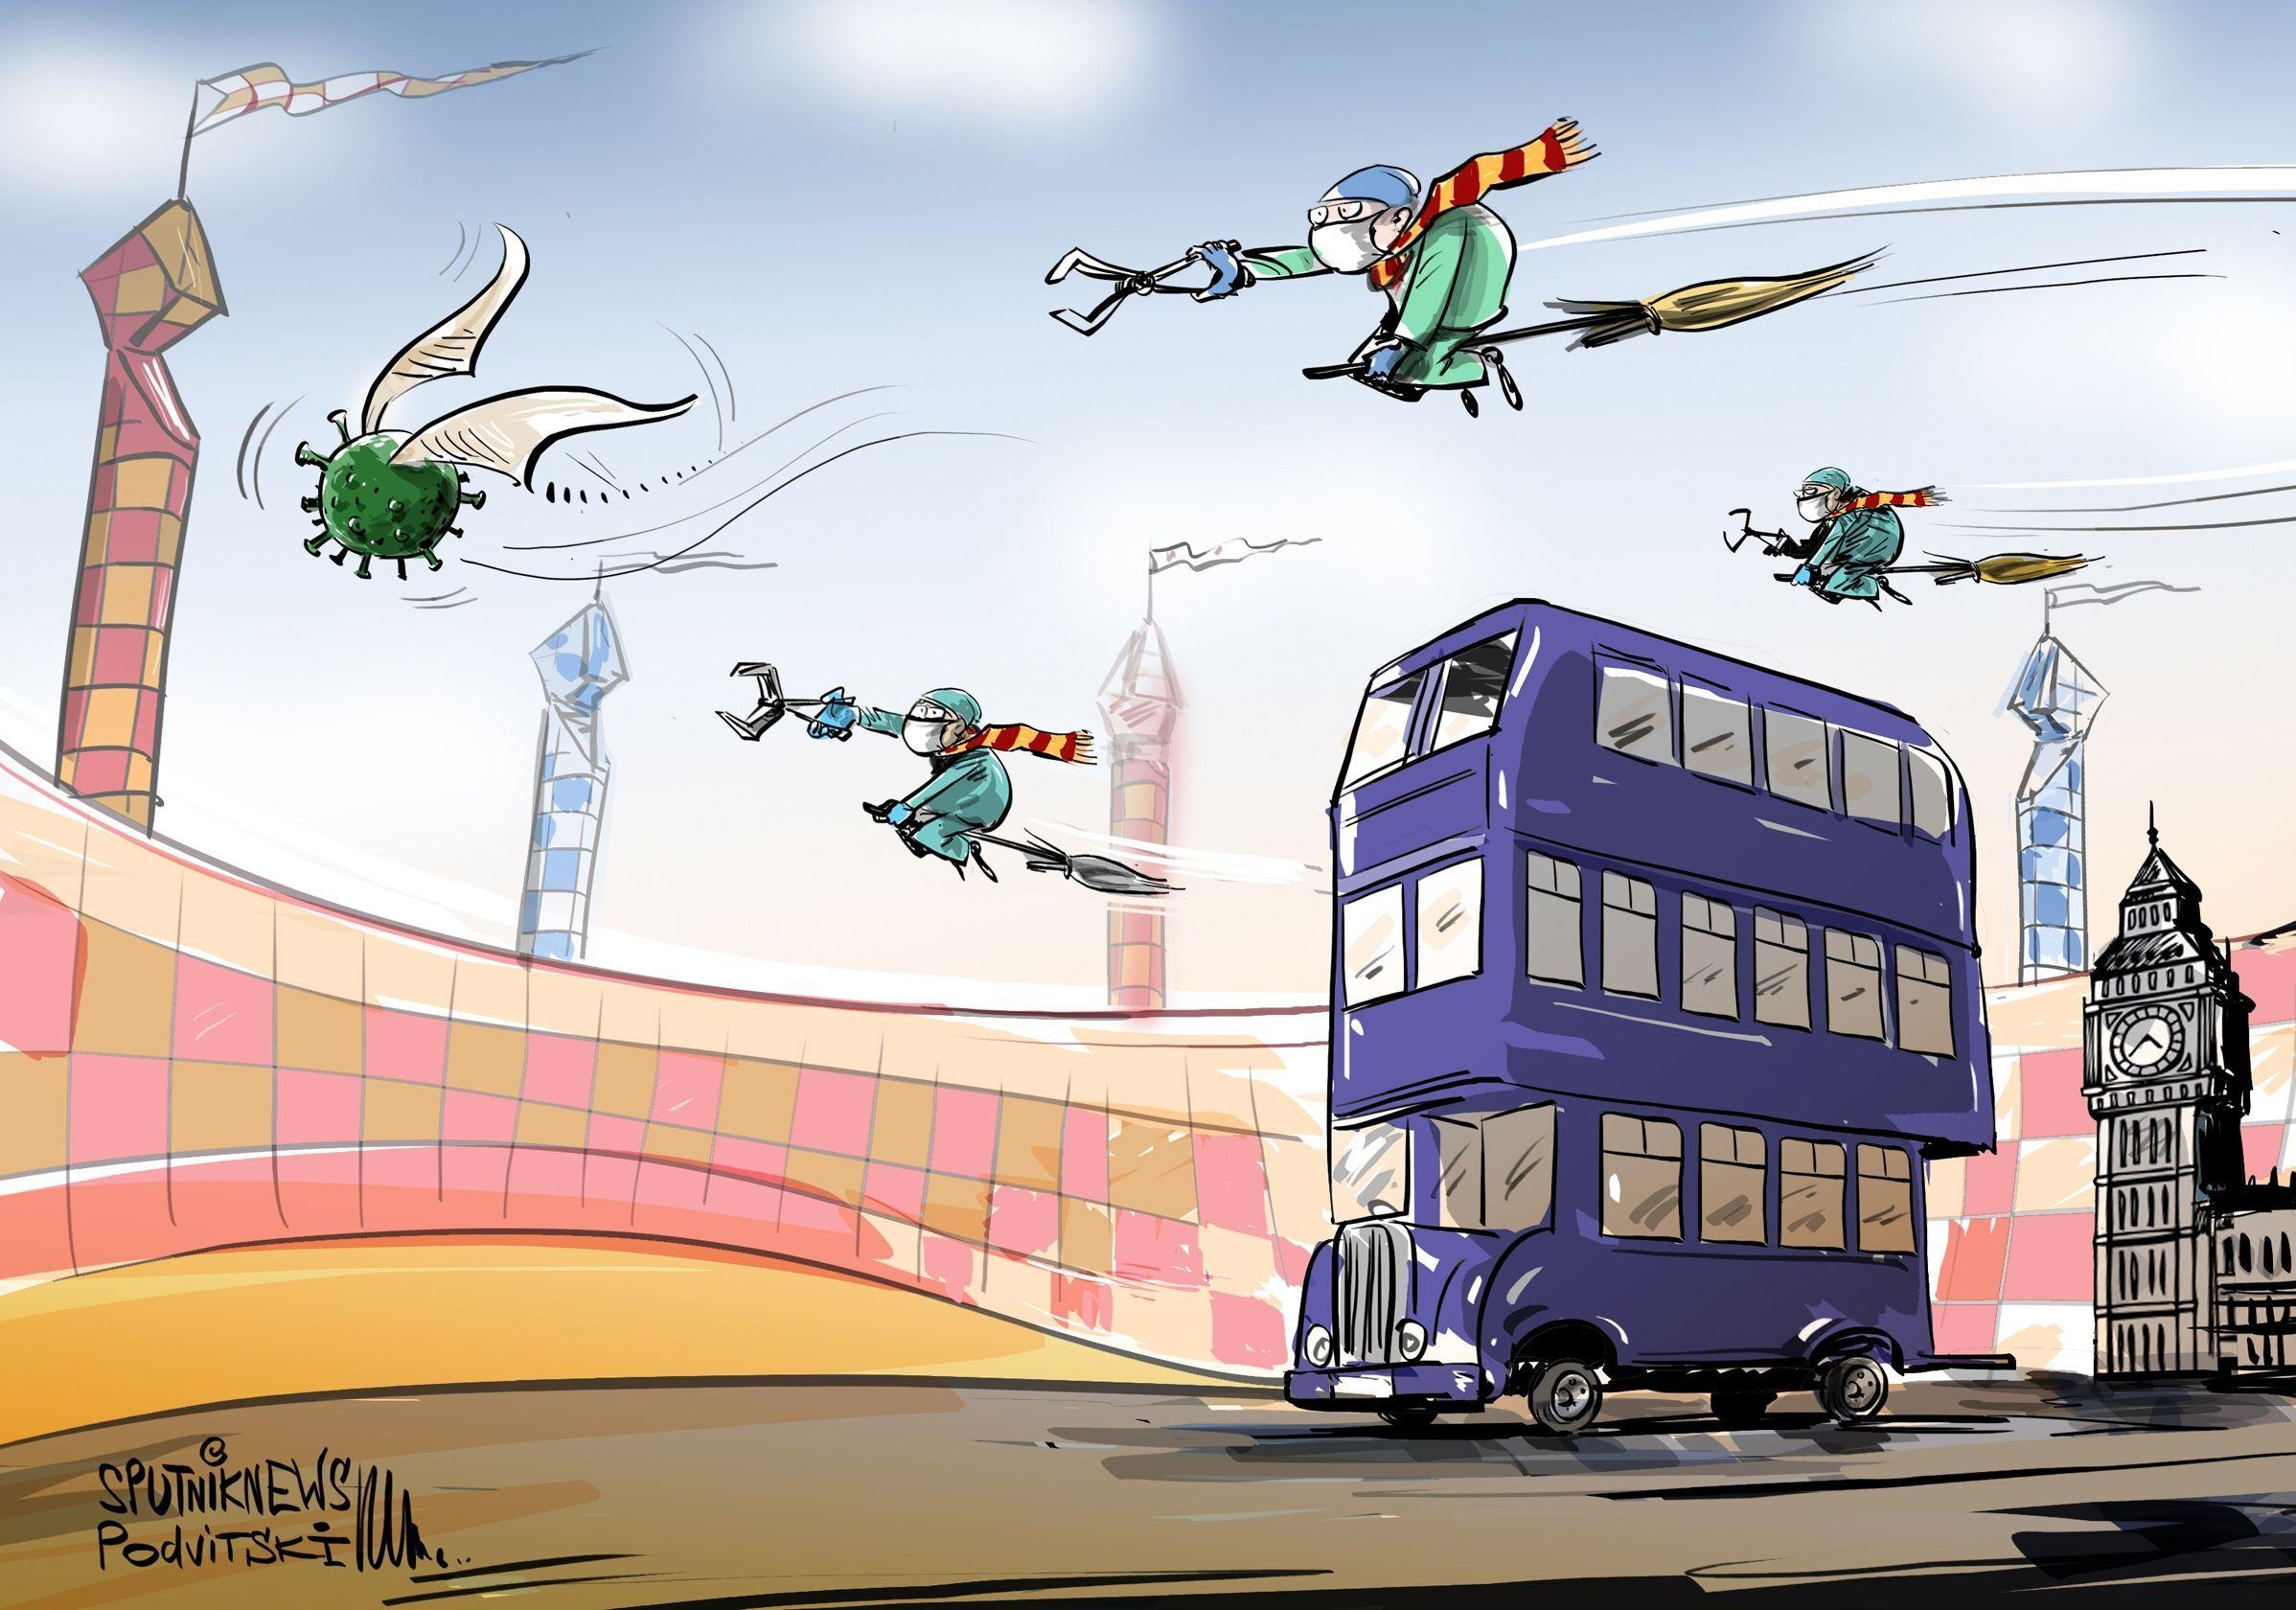 Britští lékaři jsou v Londýně přepravováni kouzelnými autobusy